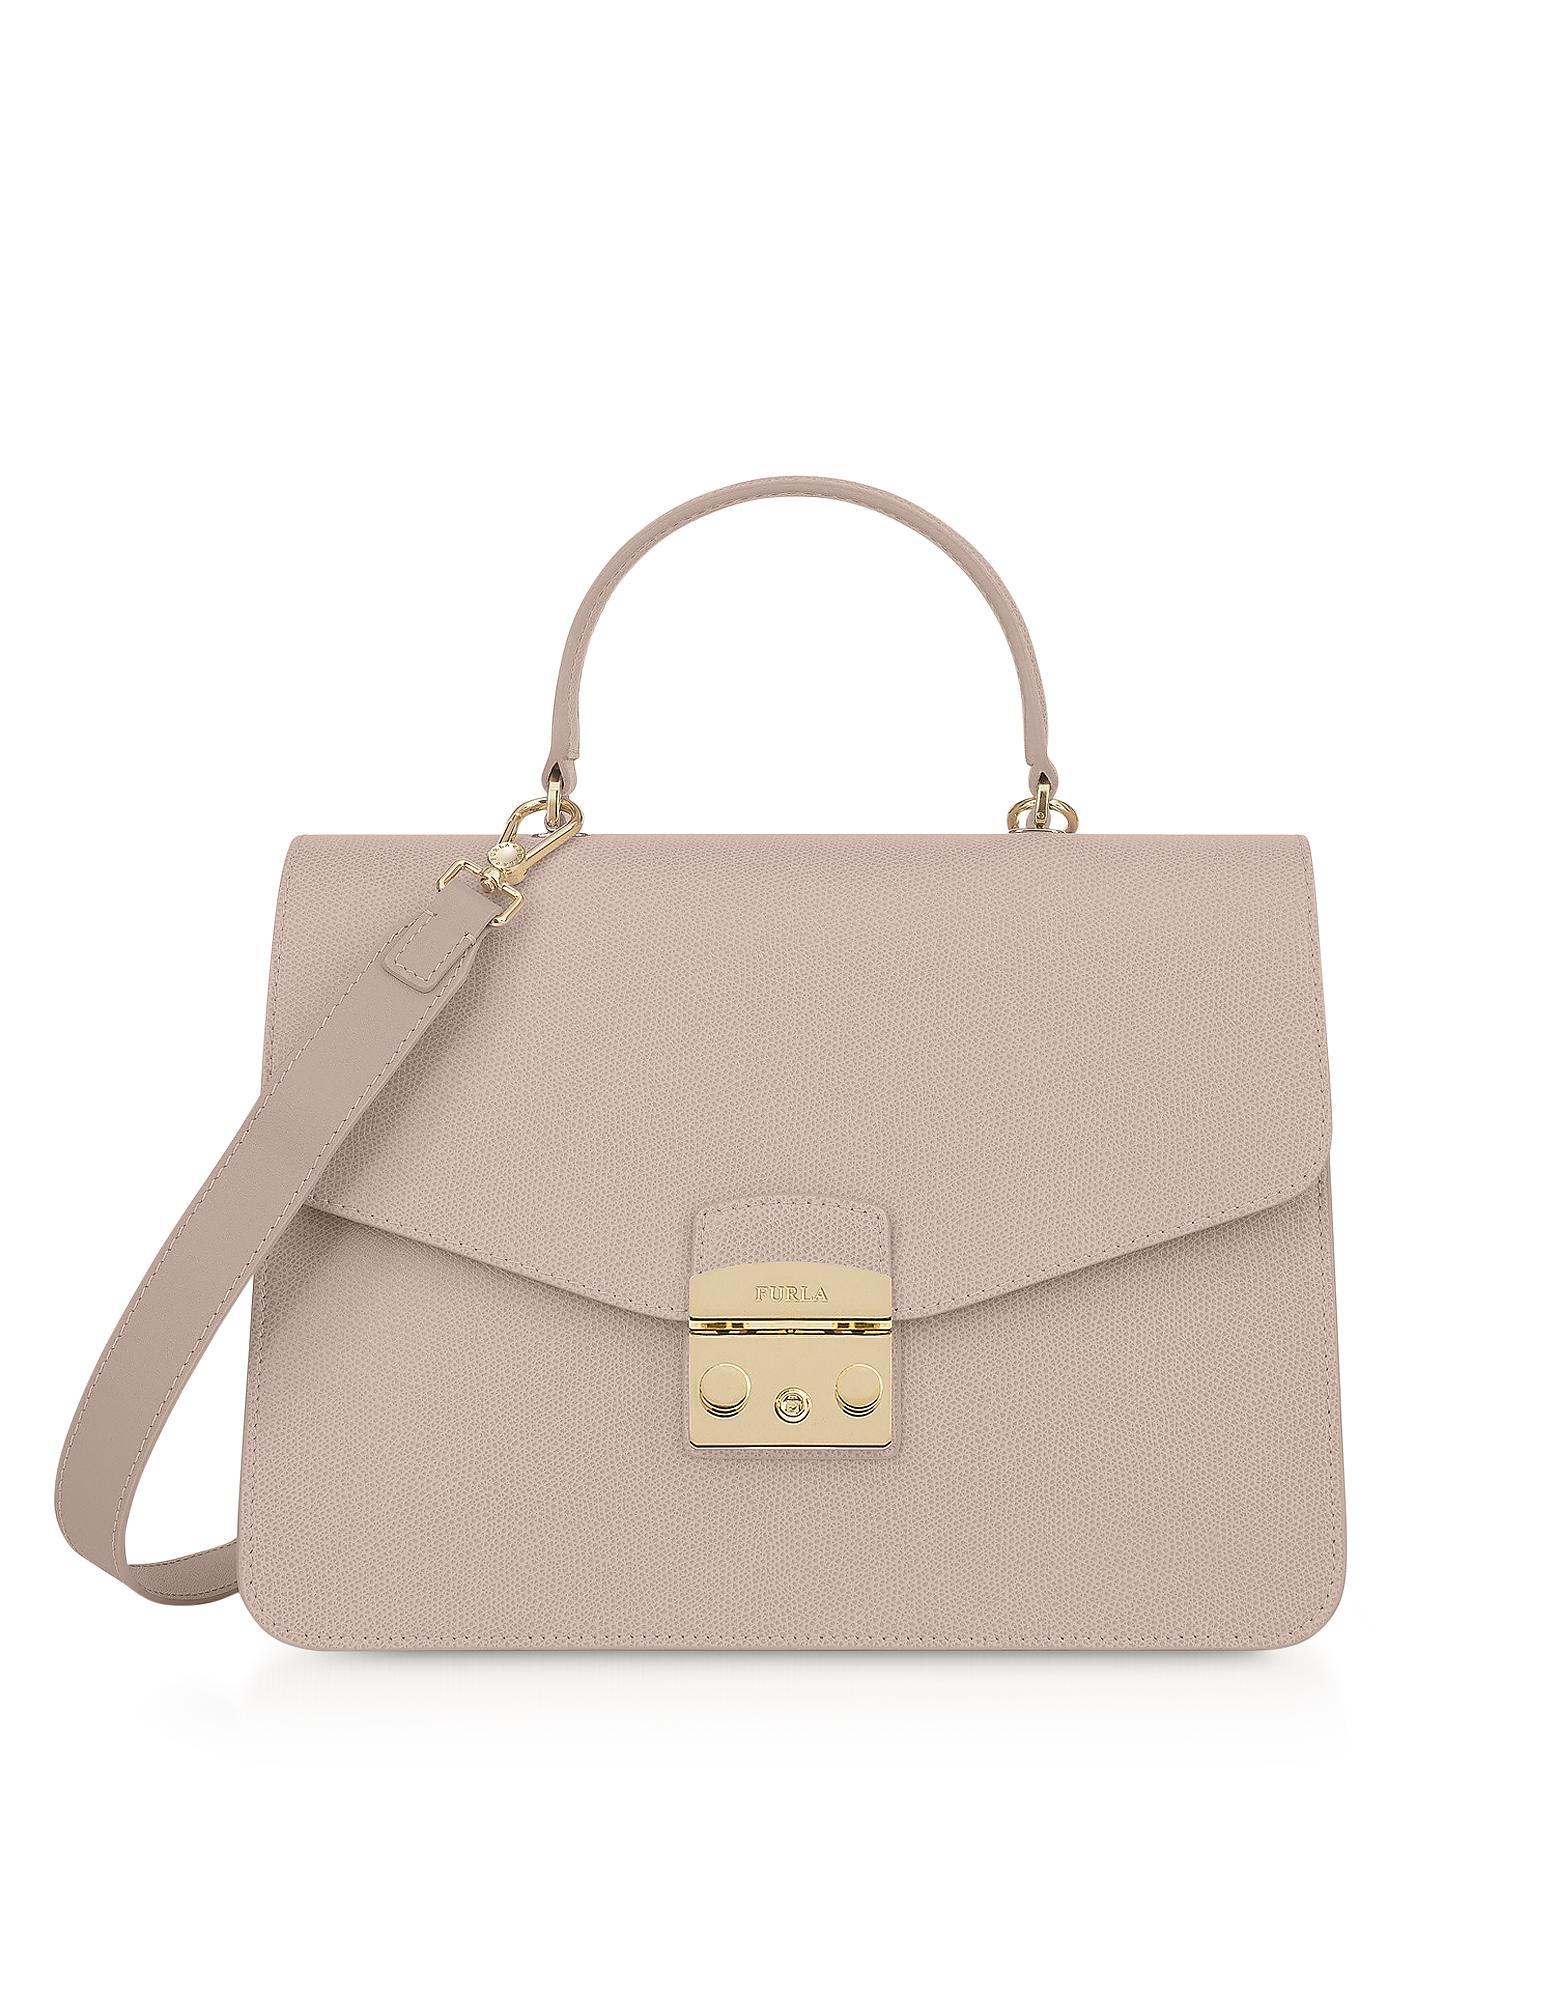 cdc8d75e7c451 Furla - Pink Dalia Metropolis M Top Handle Satchel Bag - Lyst. View  fullscreen